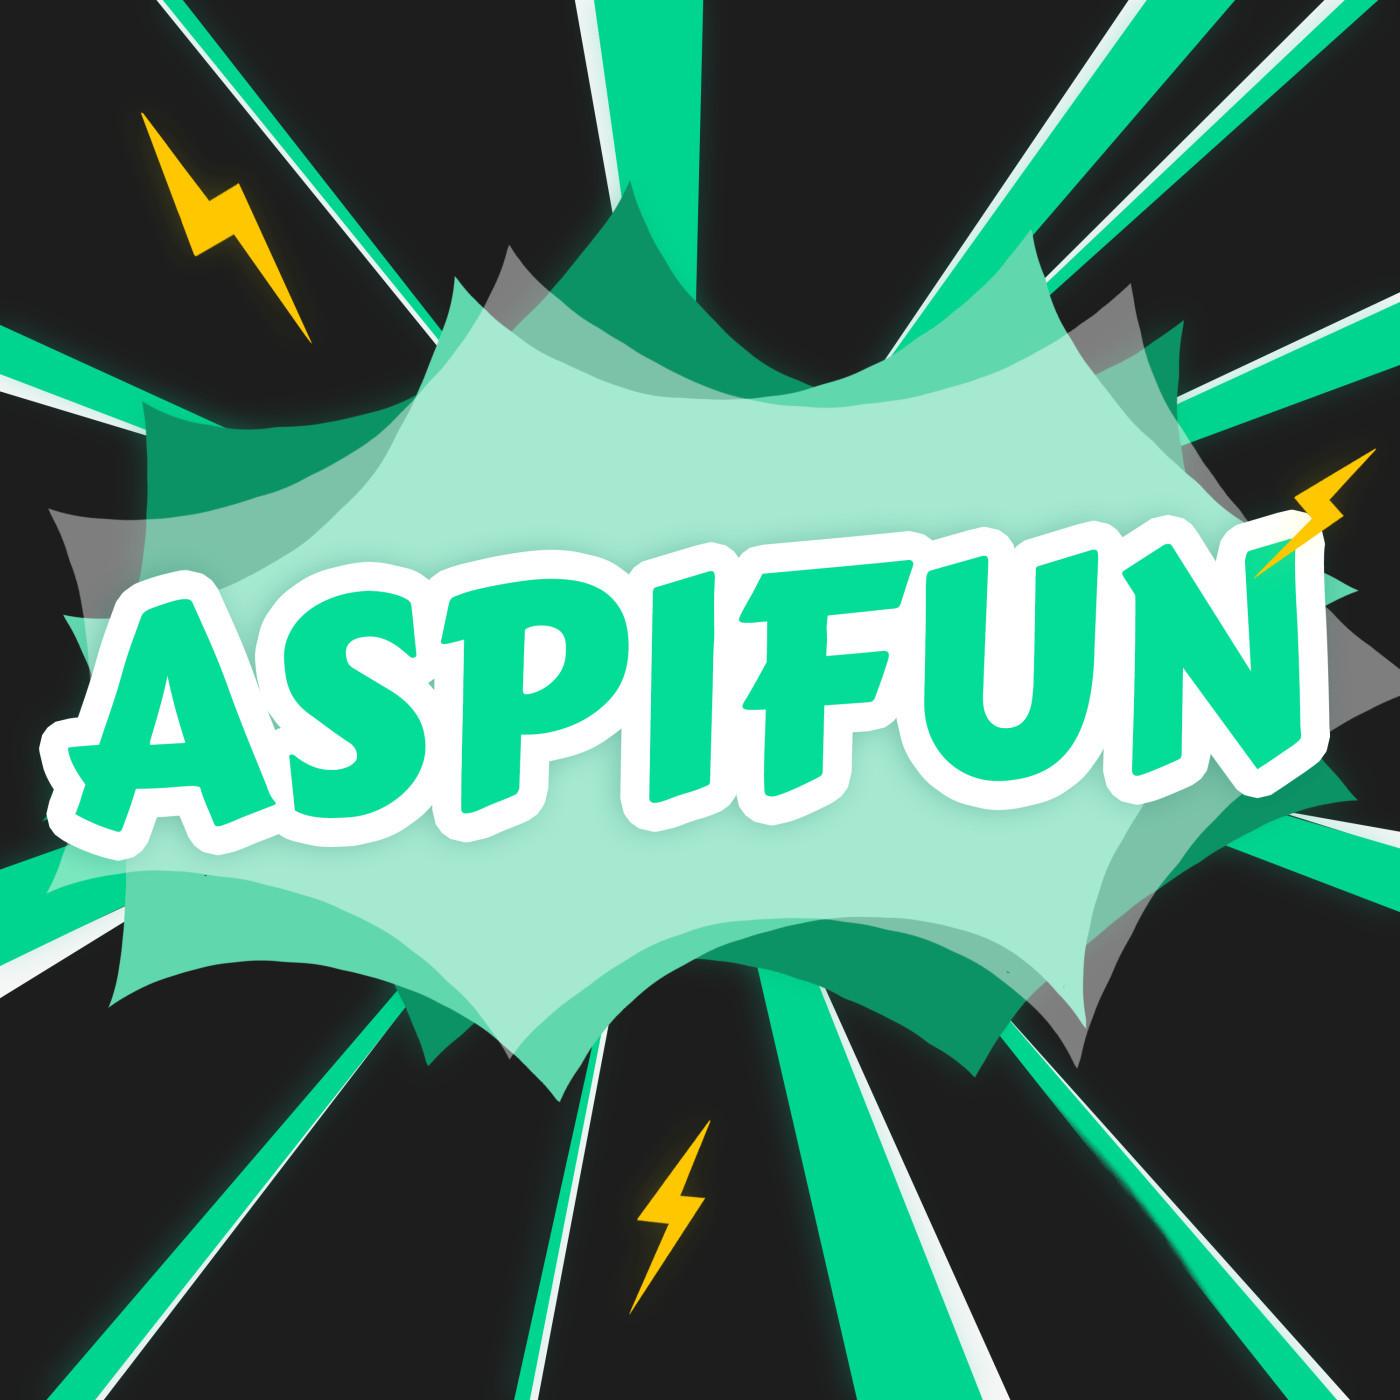 AspiFun